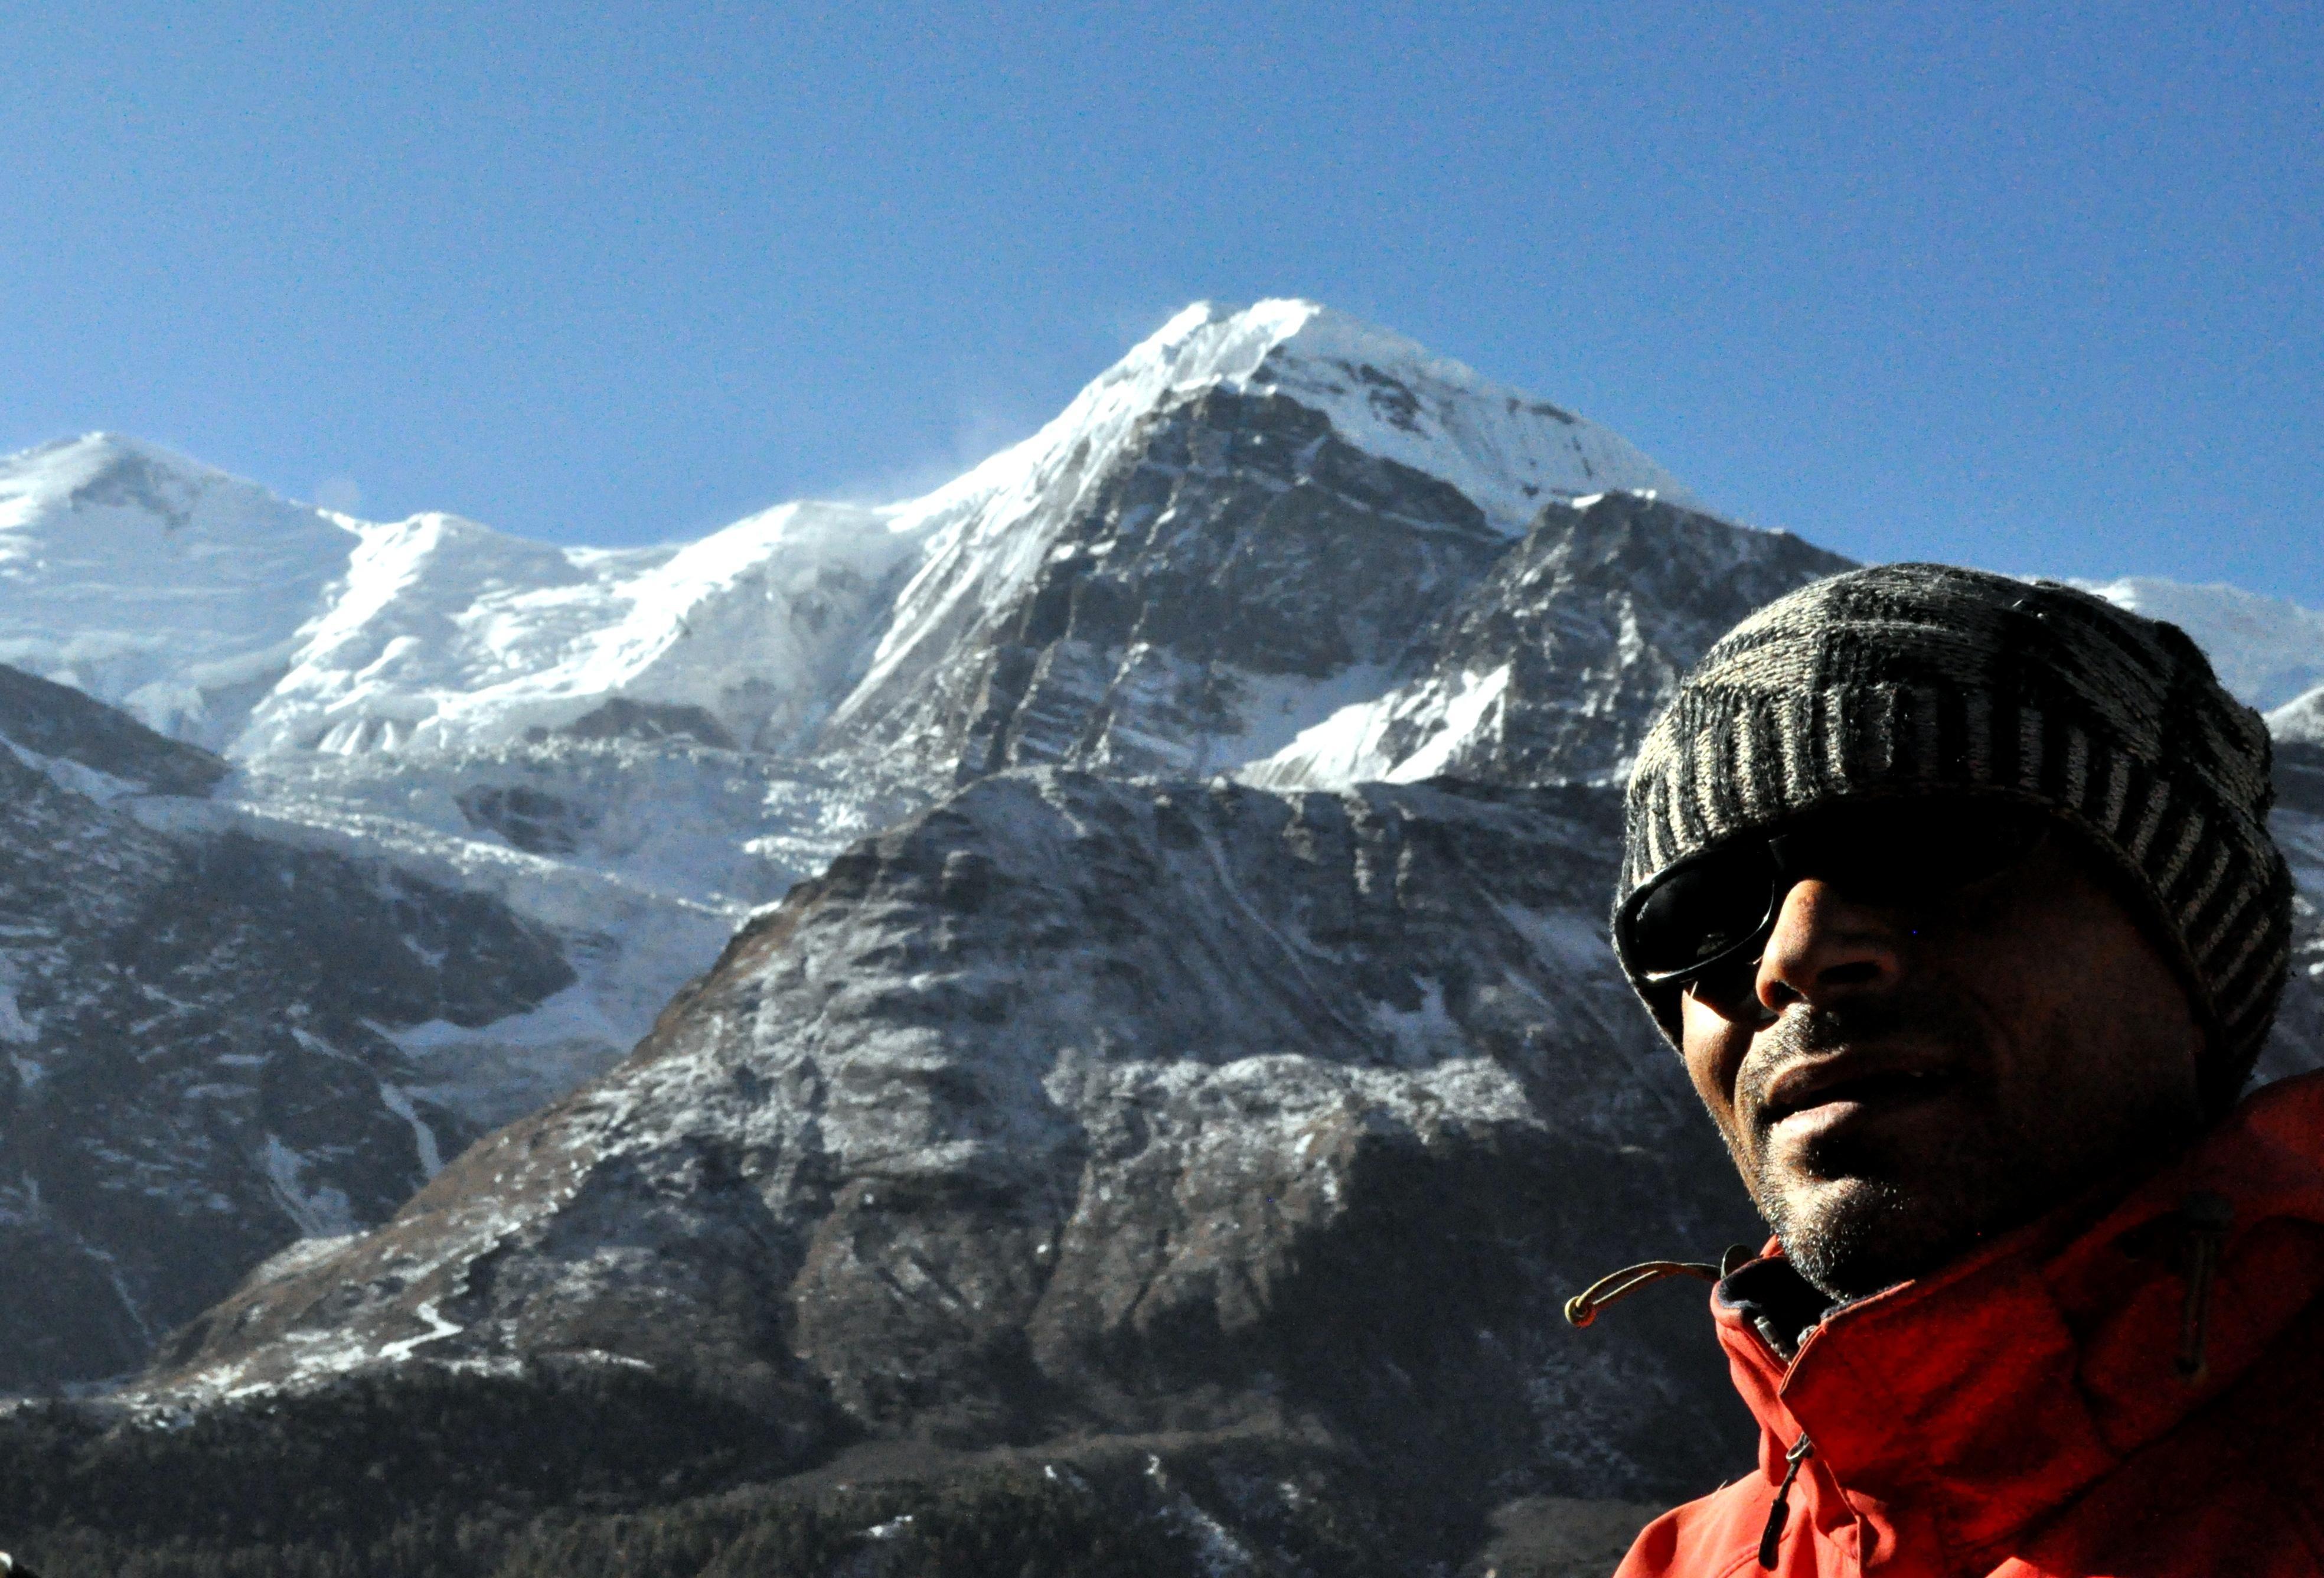 Kali e gli imponenti seracchi delle montagne dietro di lui